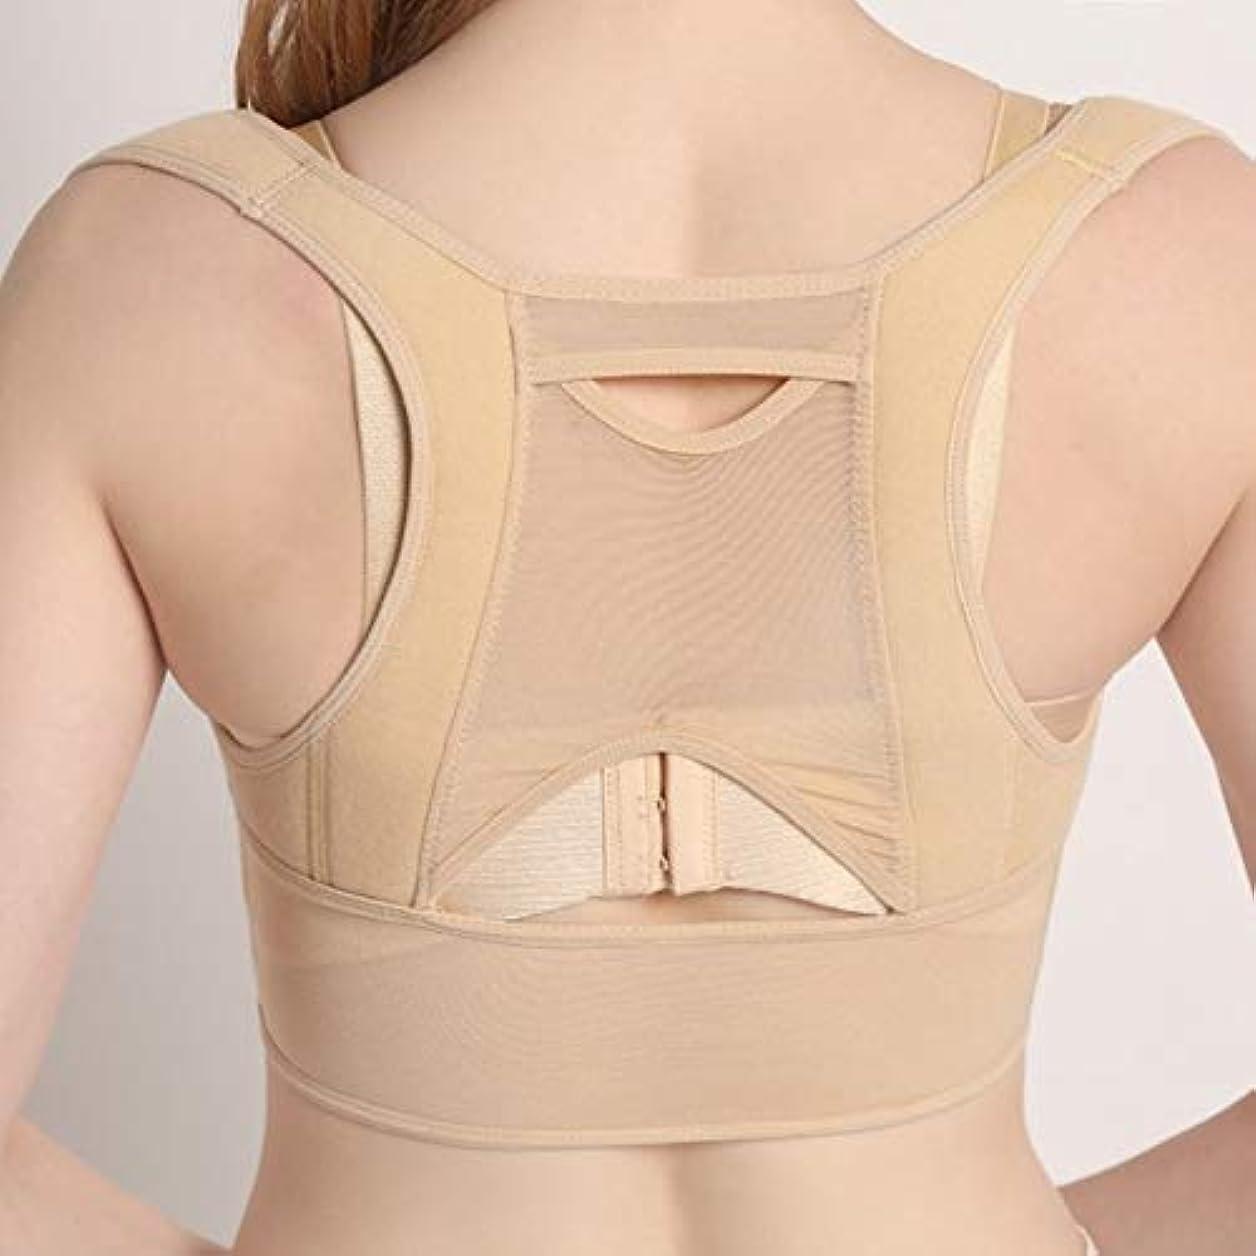 マニア女王ケーブル通気性のある女性の背中の姿勢矯正コルセット整形外科の背中の肩の背骨の姿勢矯正腰椎サポート - ベージュホワイトL